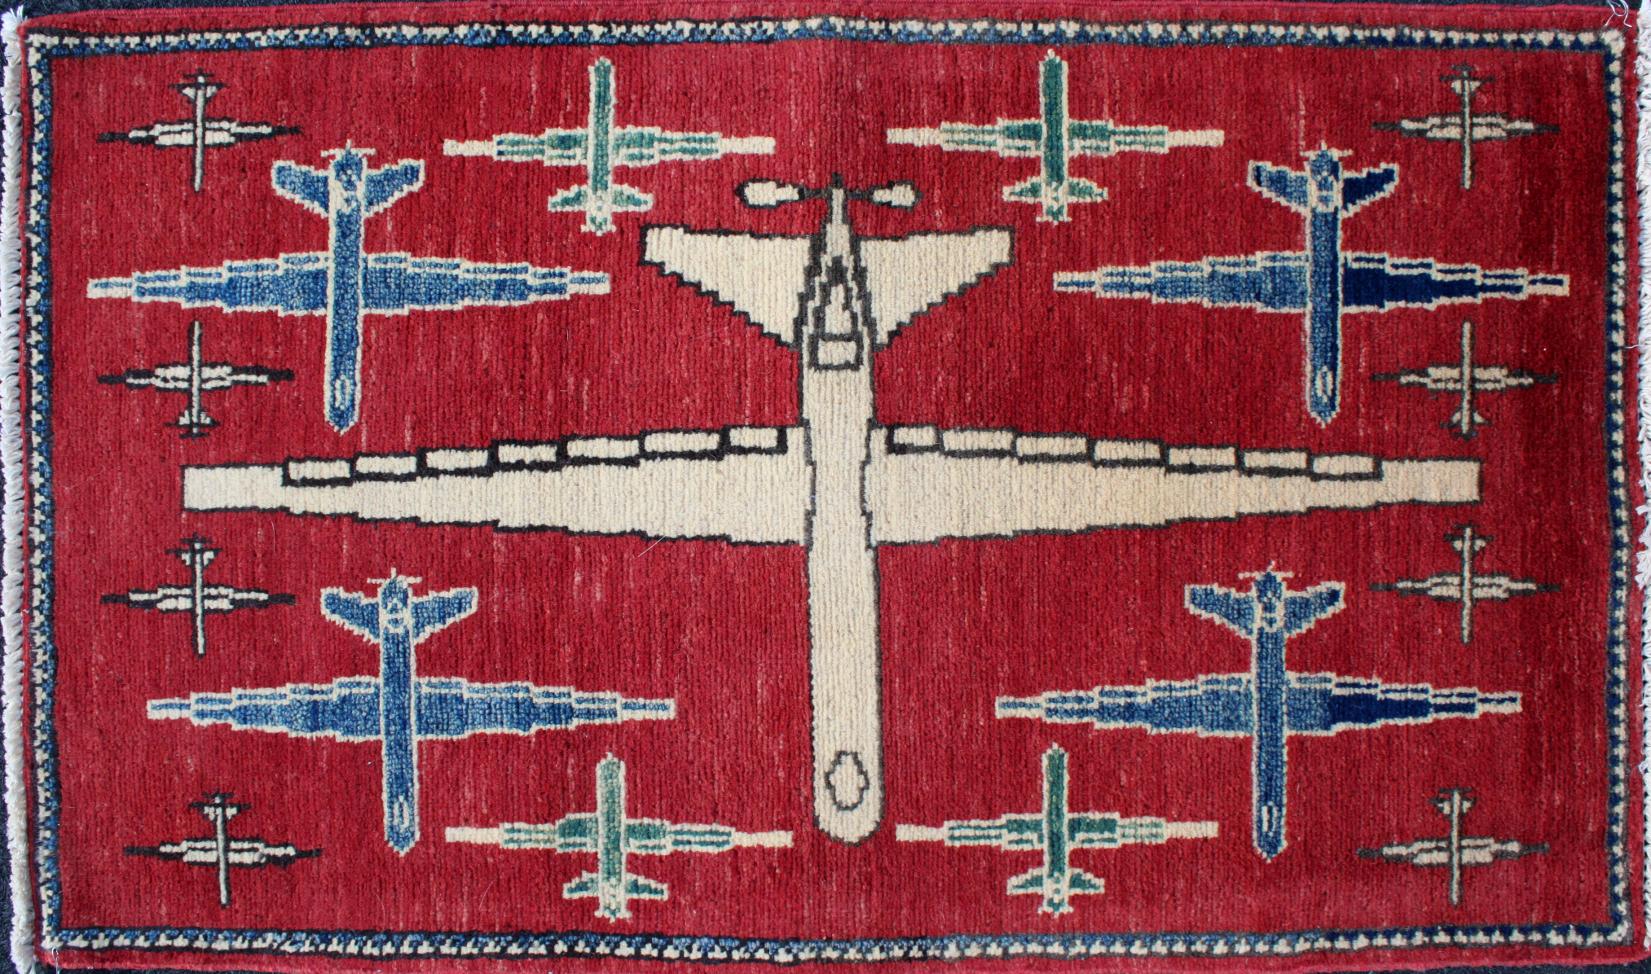 Yellow Afghan map war rug